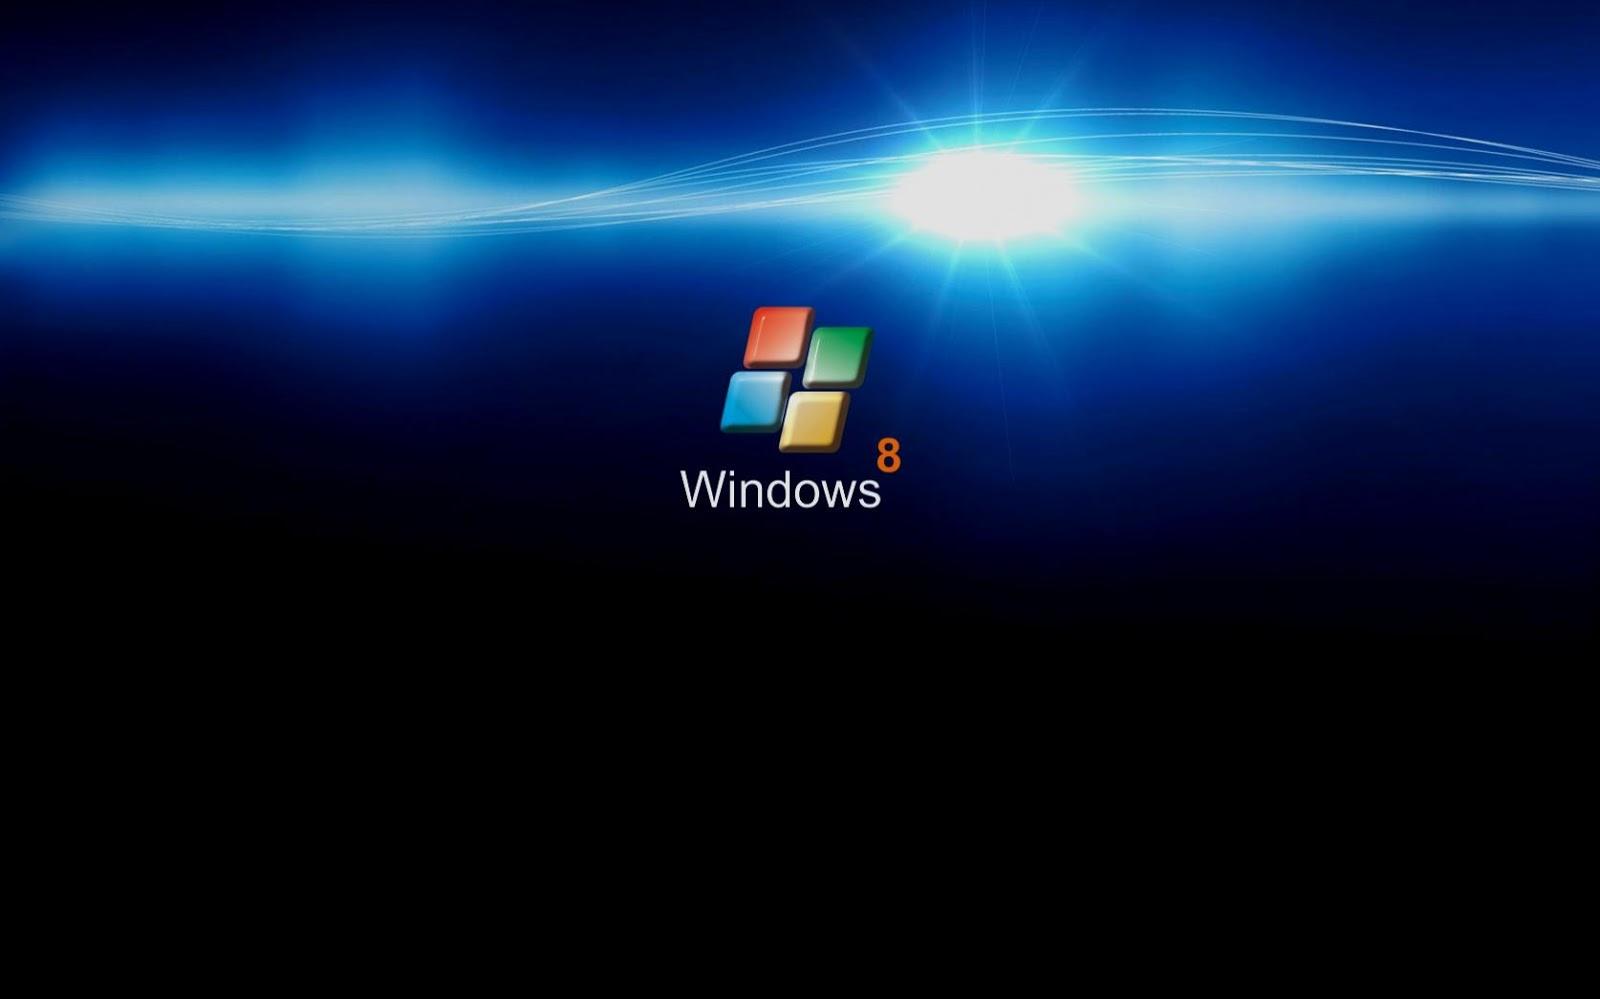 Hd Wallpapers Fine  Windows 8 New Wallpaper Hd For Desktop